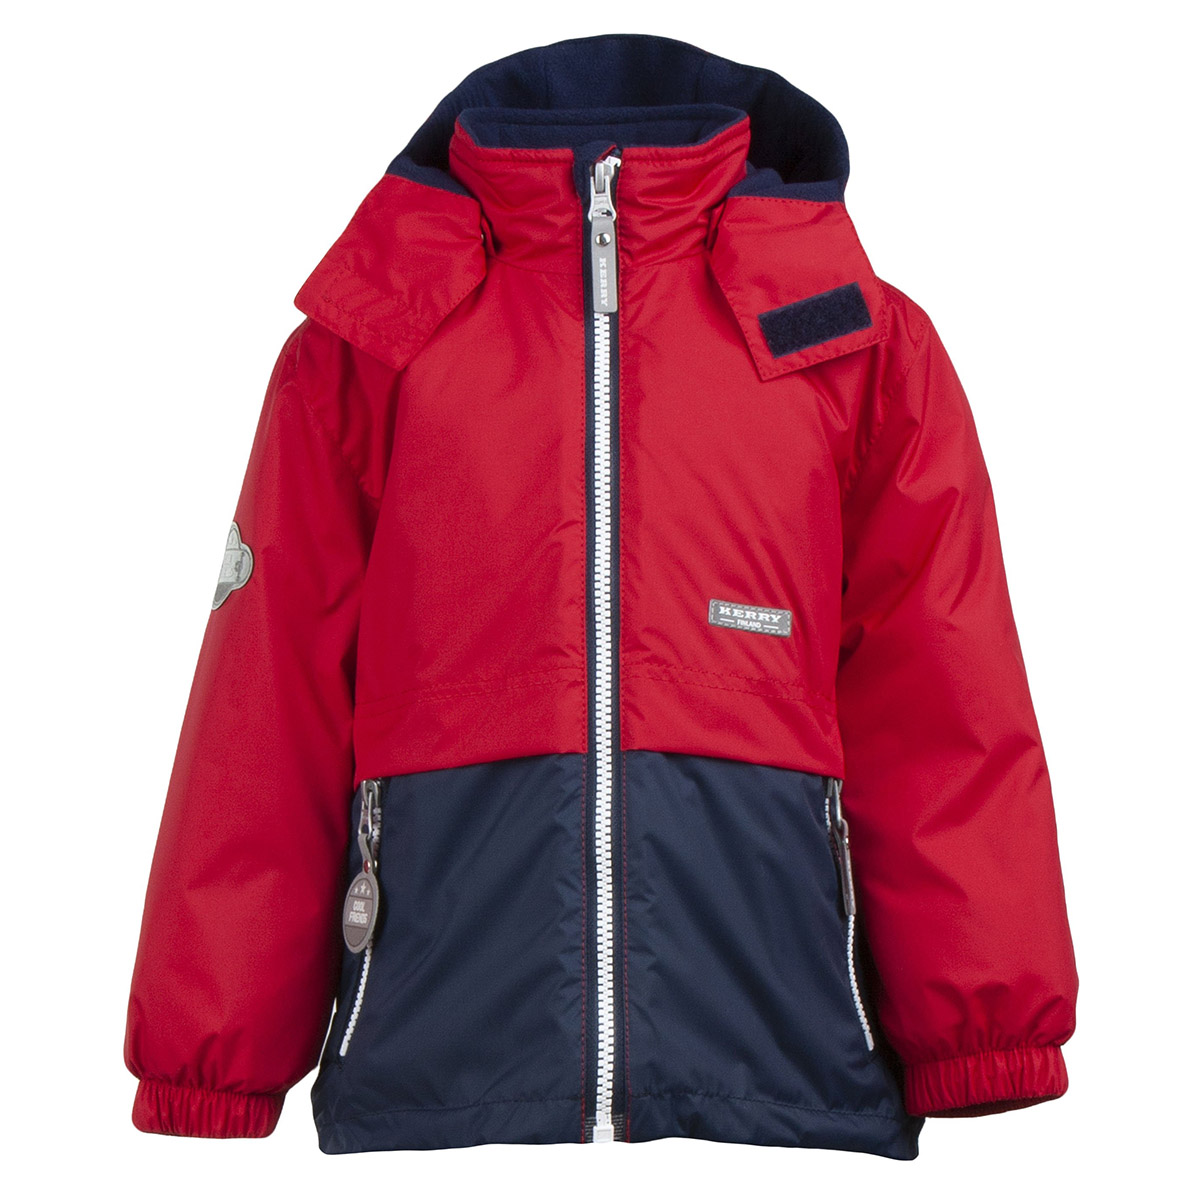 Купить Куртка для мальчиков PINKUS Kerry, Размер 104, Цвет 622-красный K20022-622_104,